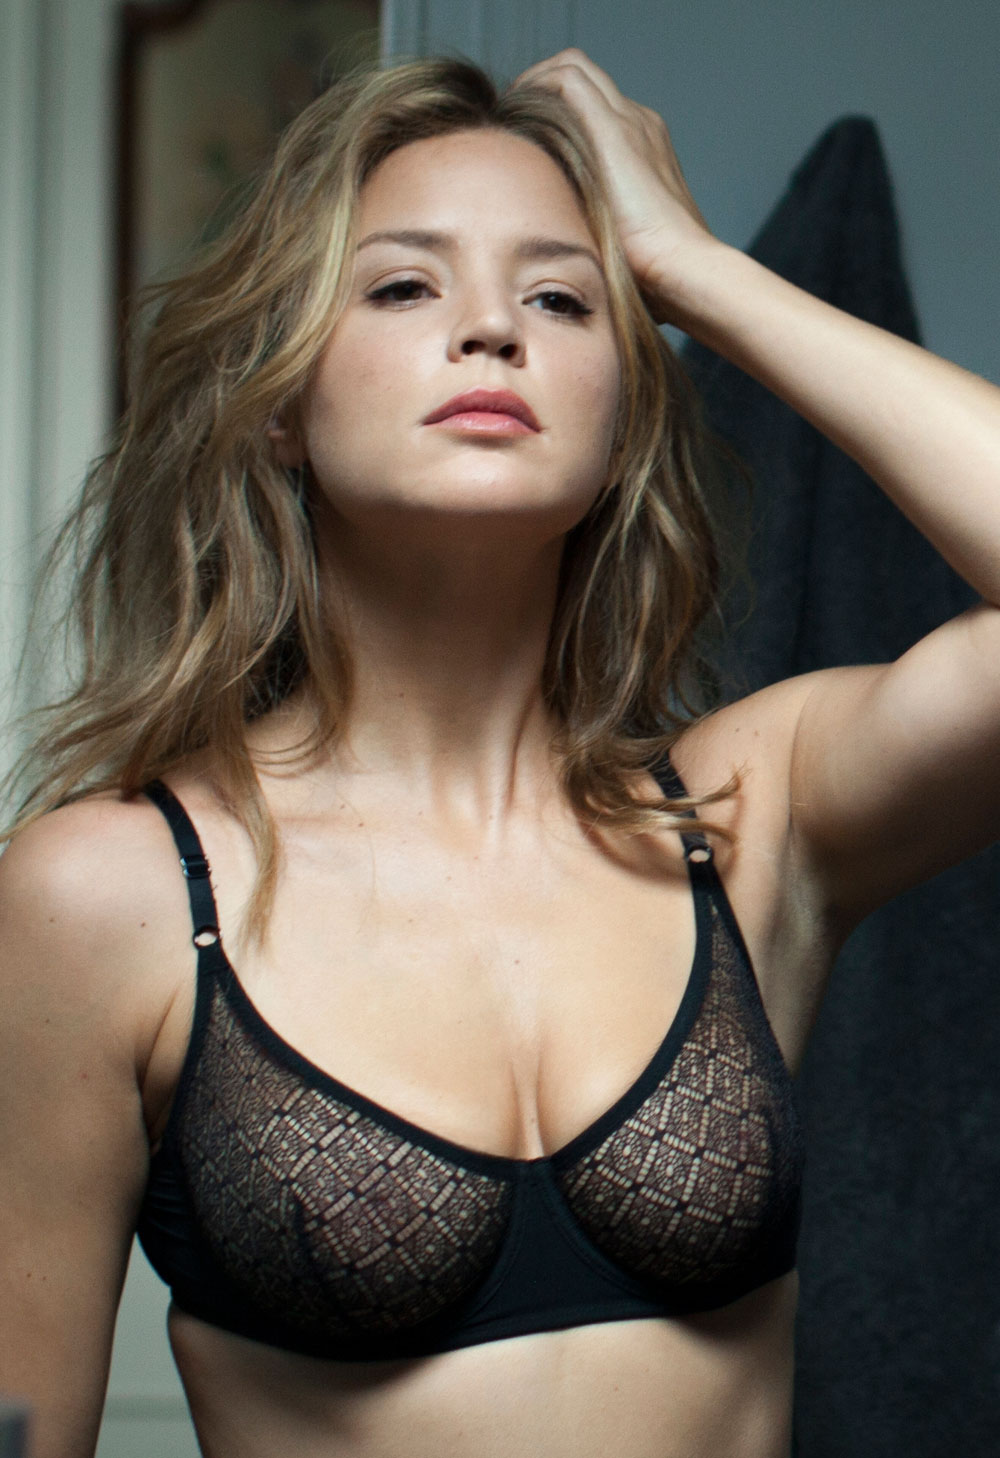 Virginie Efira en lingerie